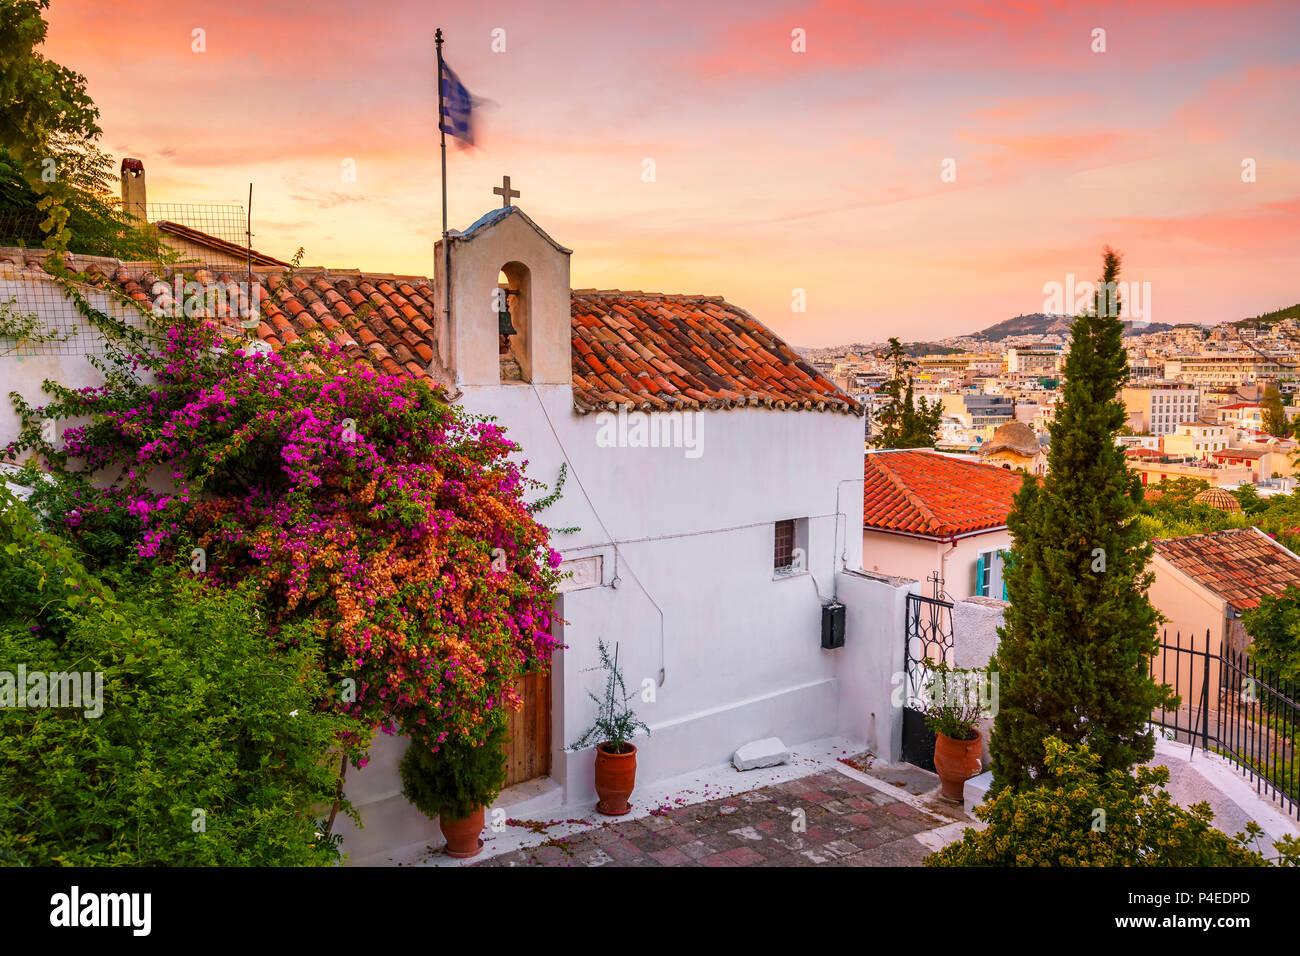 Kirche in Anafiotika Nachbarschaft in der Altstadt von Athen, Griechenland. Stockbild